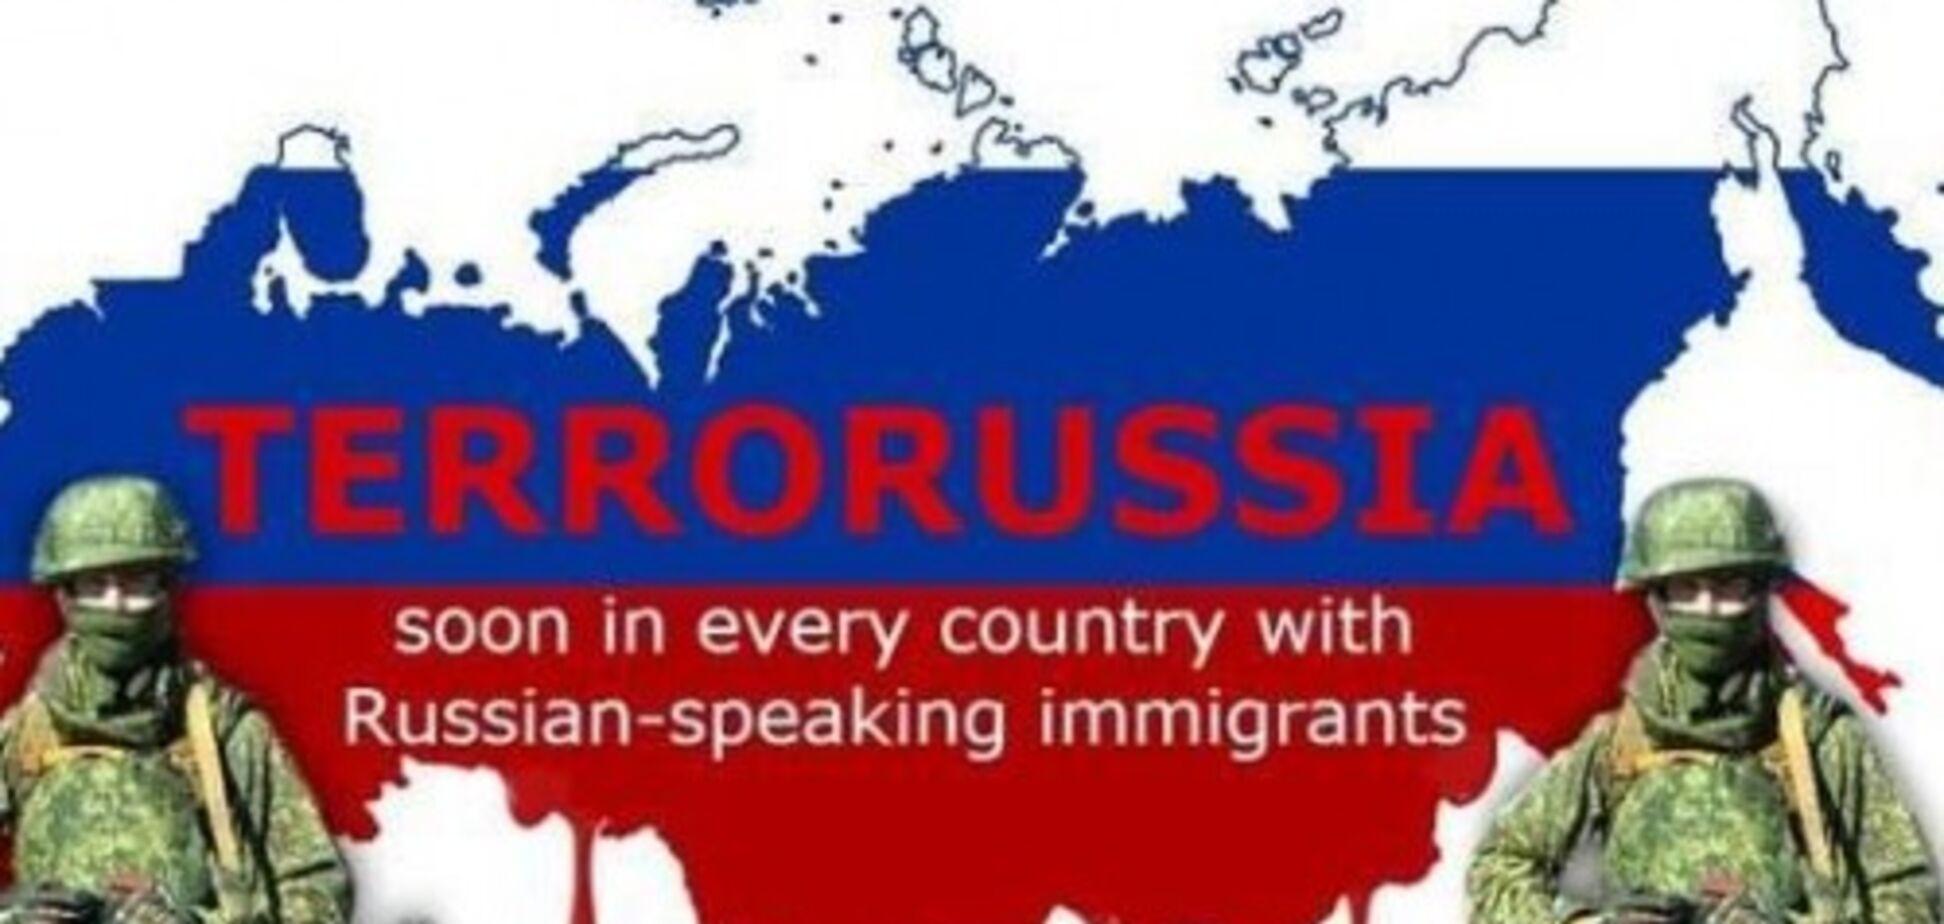 Россия делает в Украине то же, что в девяностые делала в Грузии